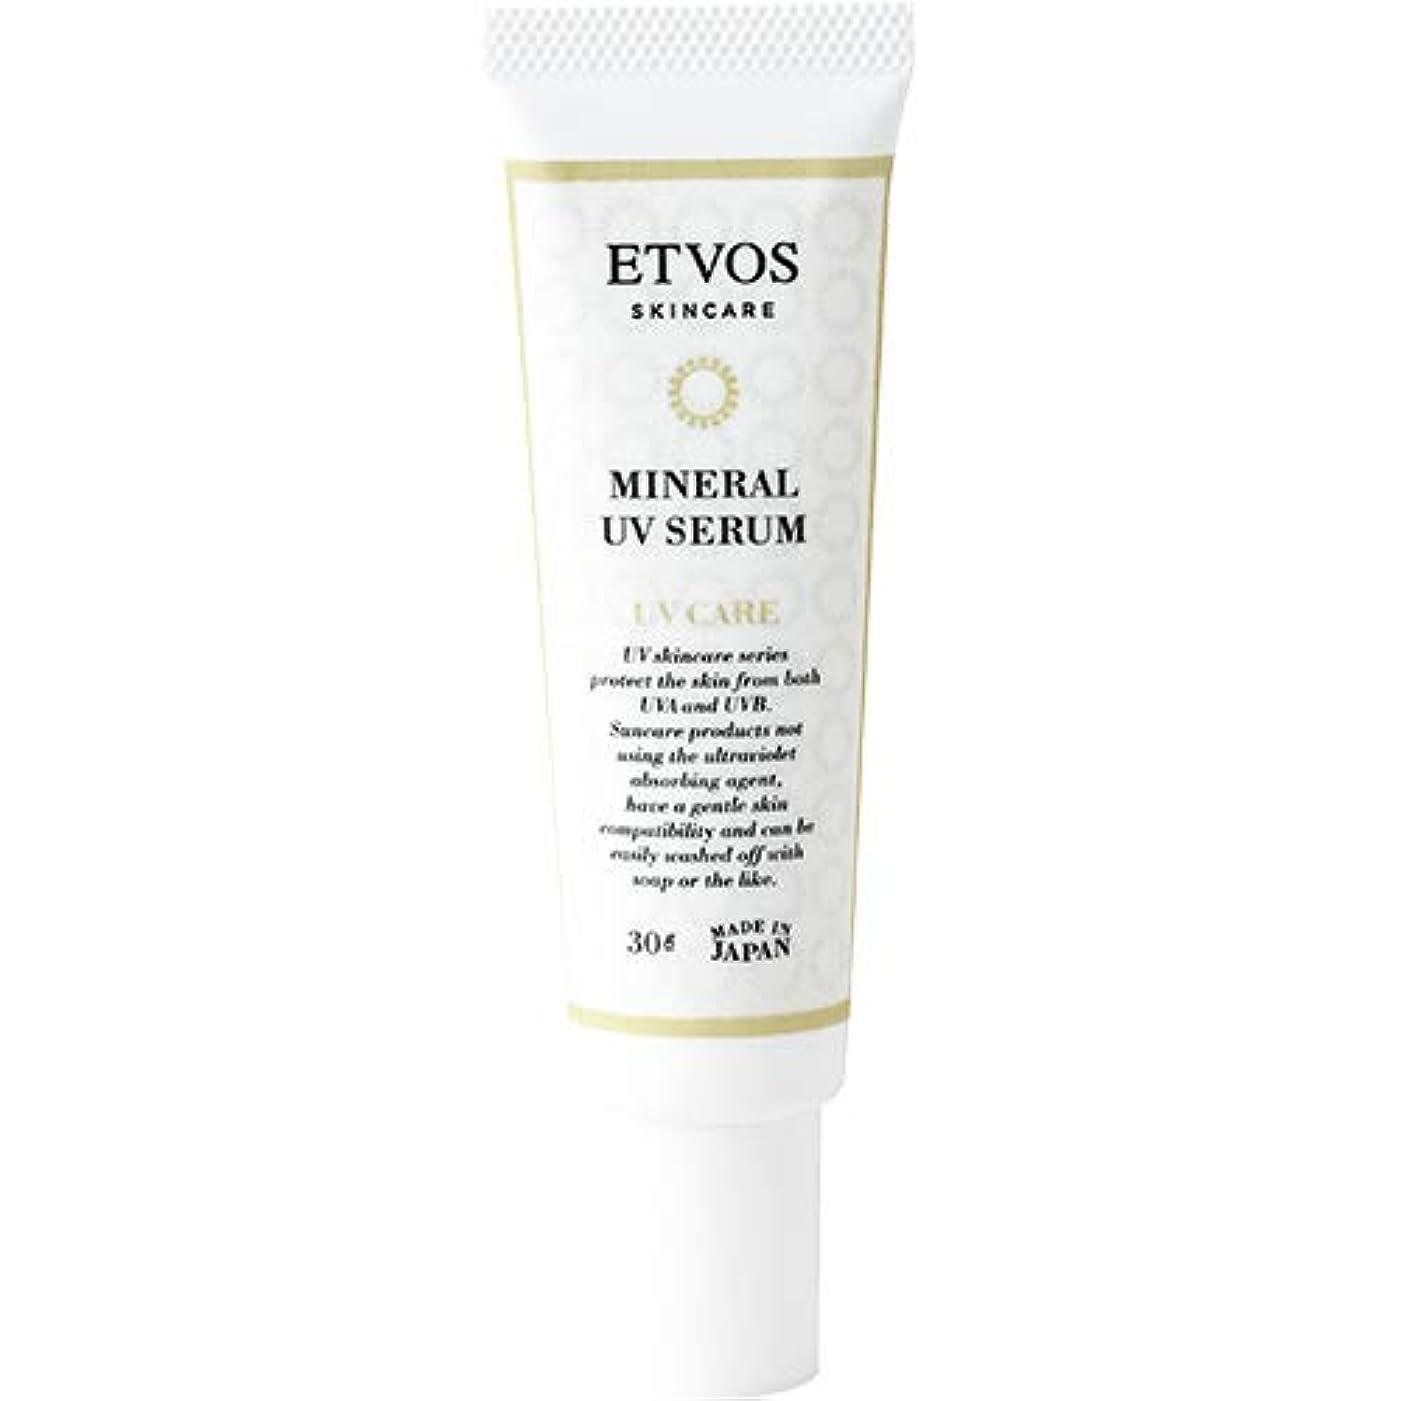 もろい思い出させる不格好ETVOS(エトヴォス) 日焼け止め美容液 ミネラルUVセラム SPF35/PA+++ 30g 化粧下地 紫外線吸収剤不使用